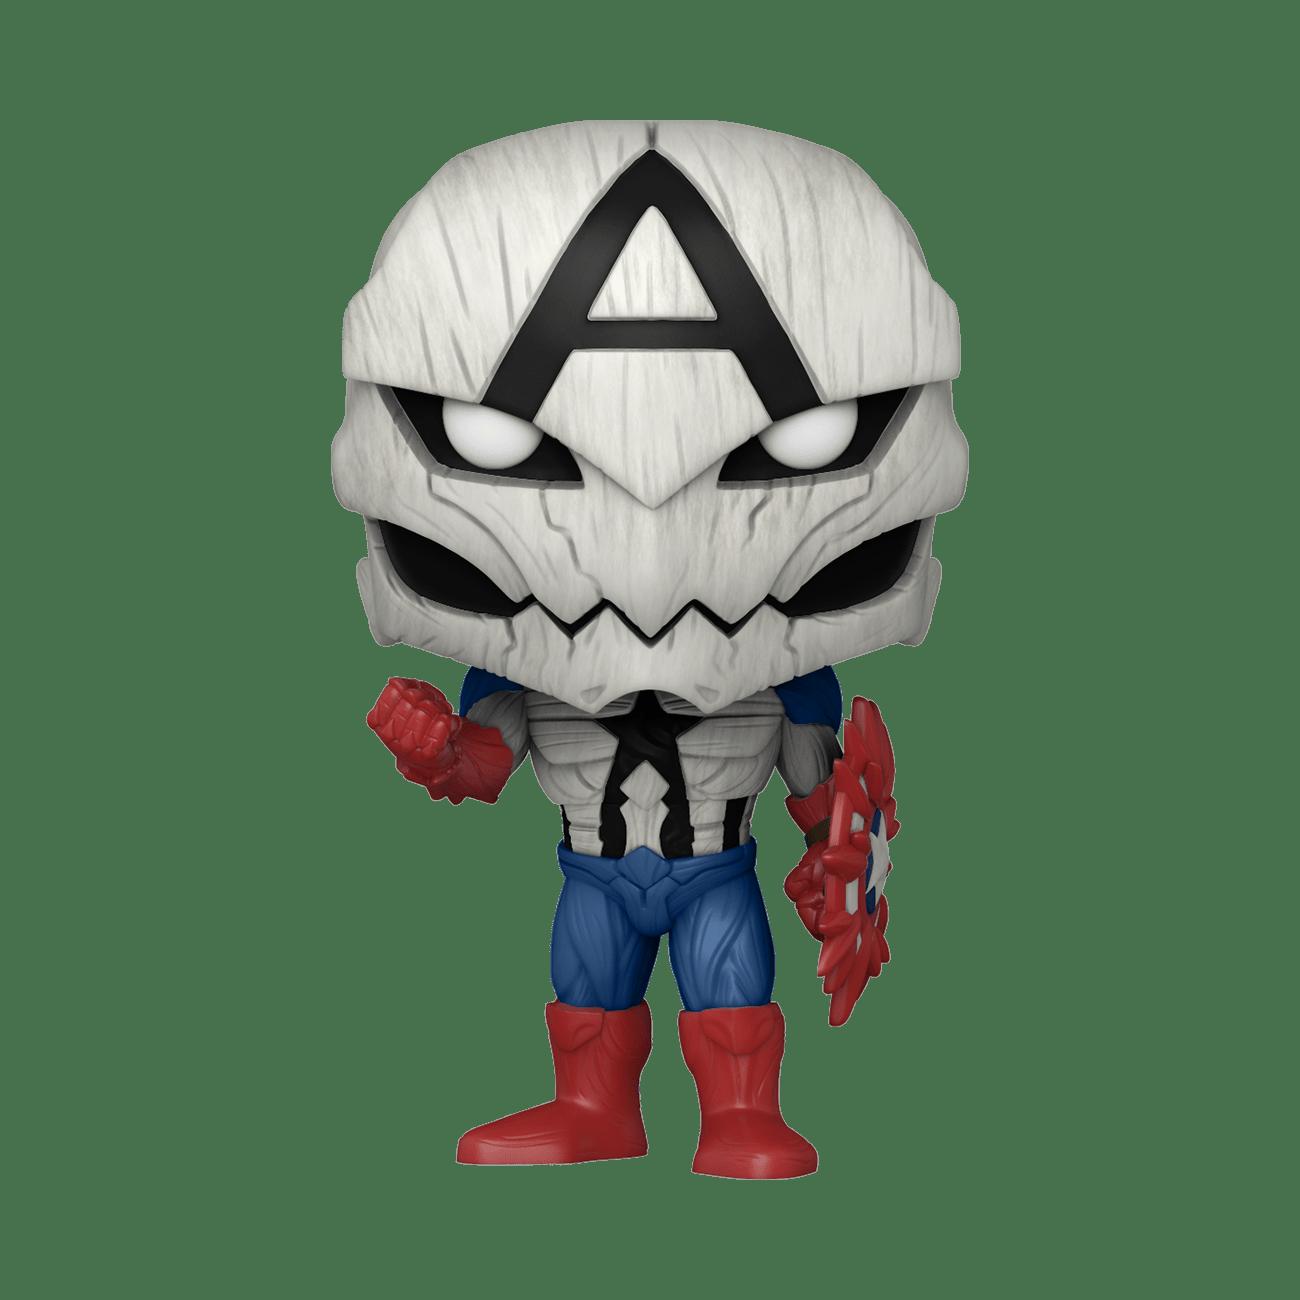 Poisoned Captain America